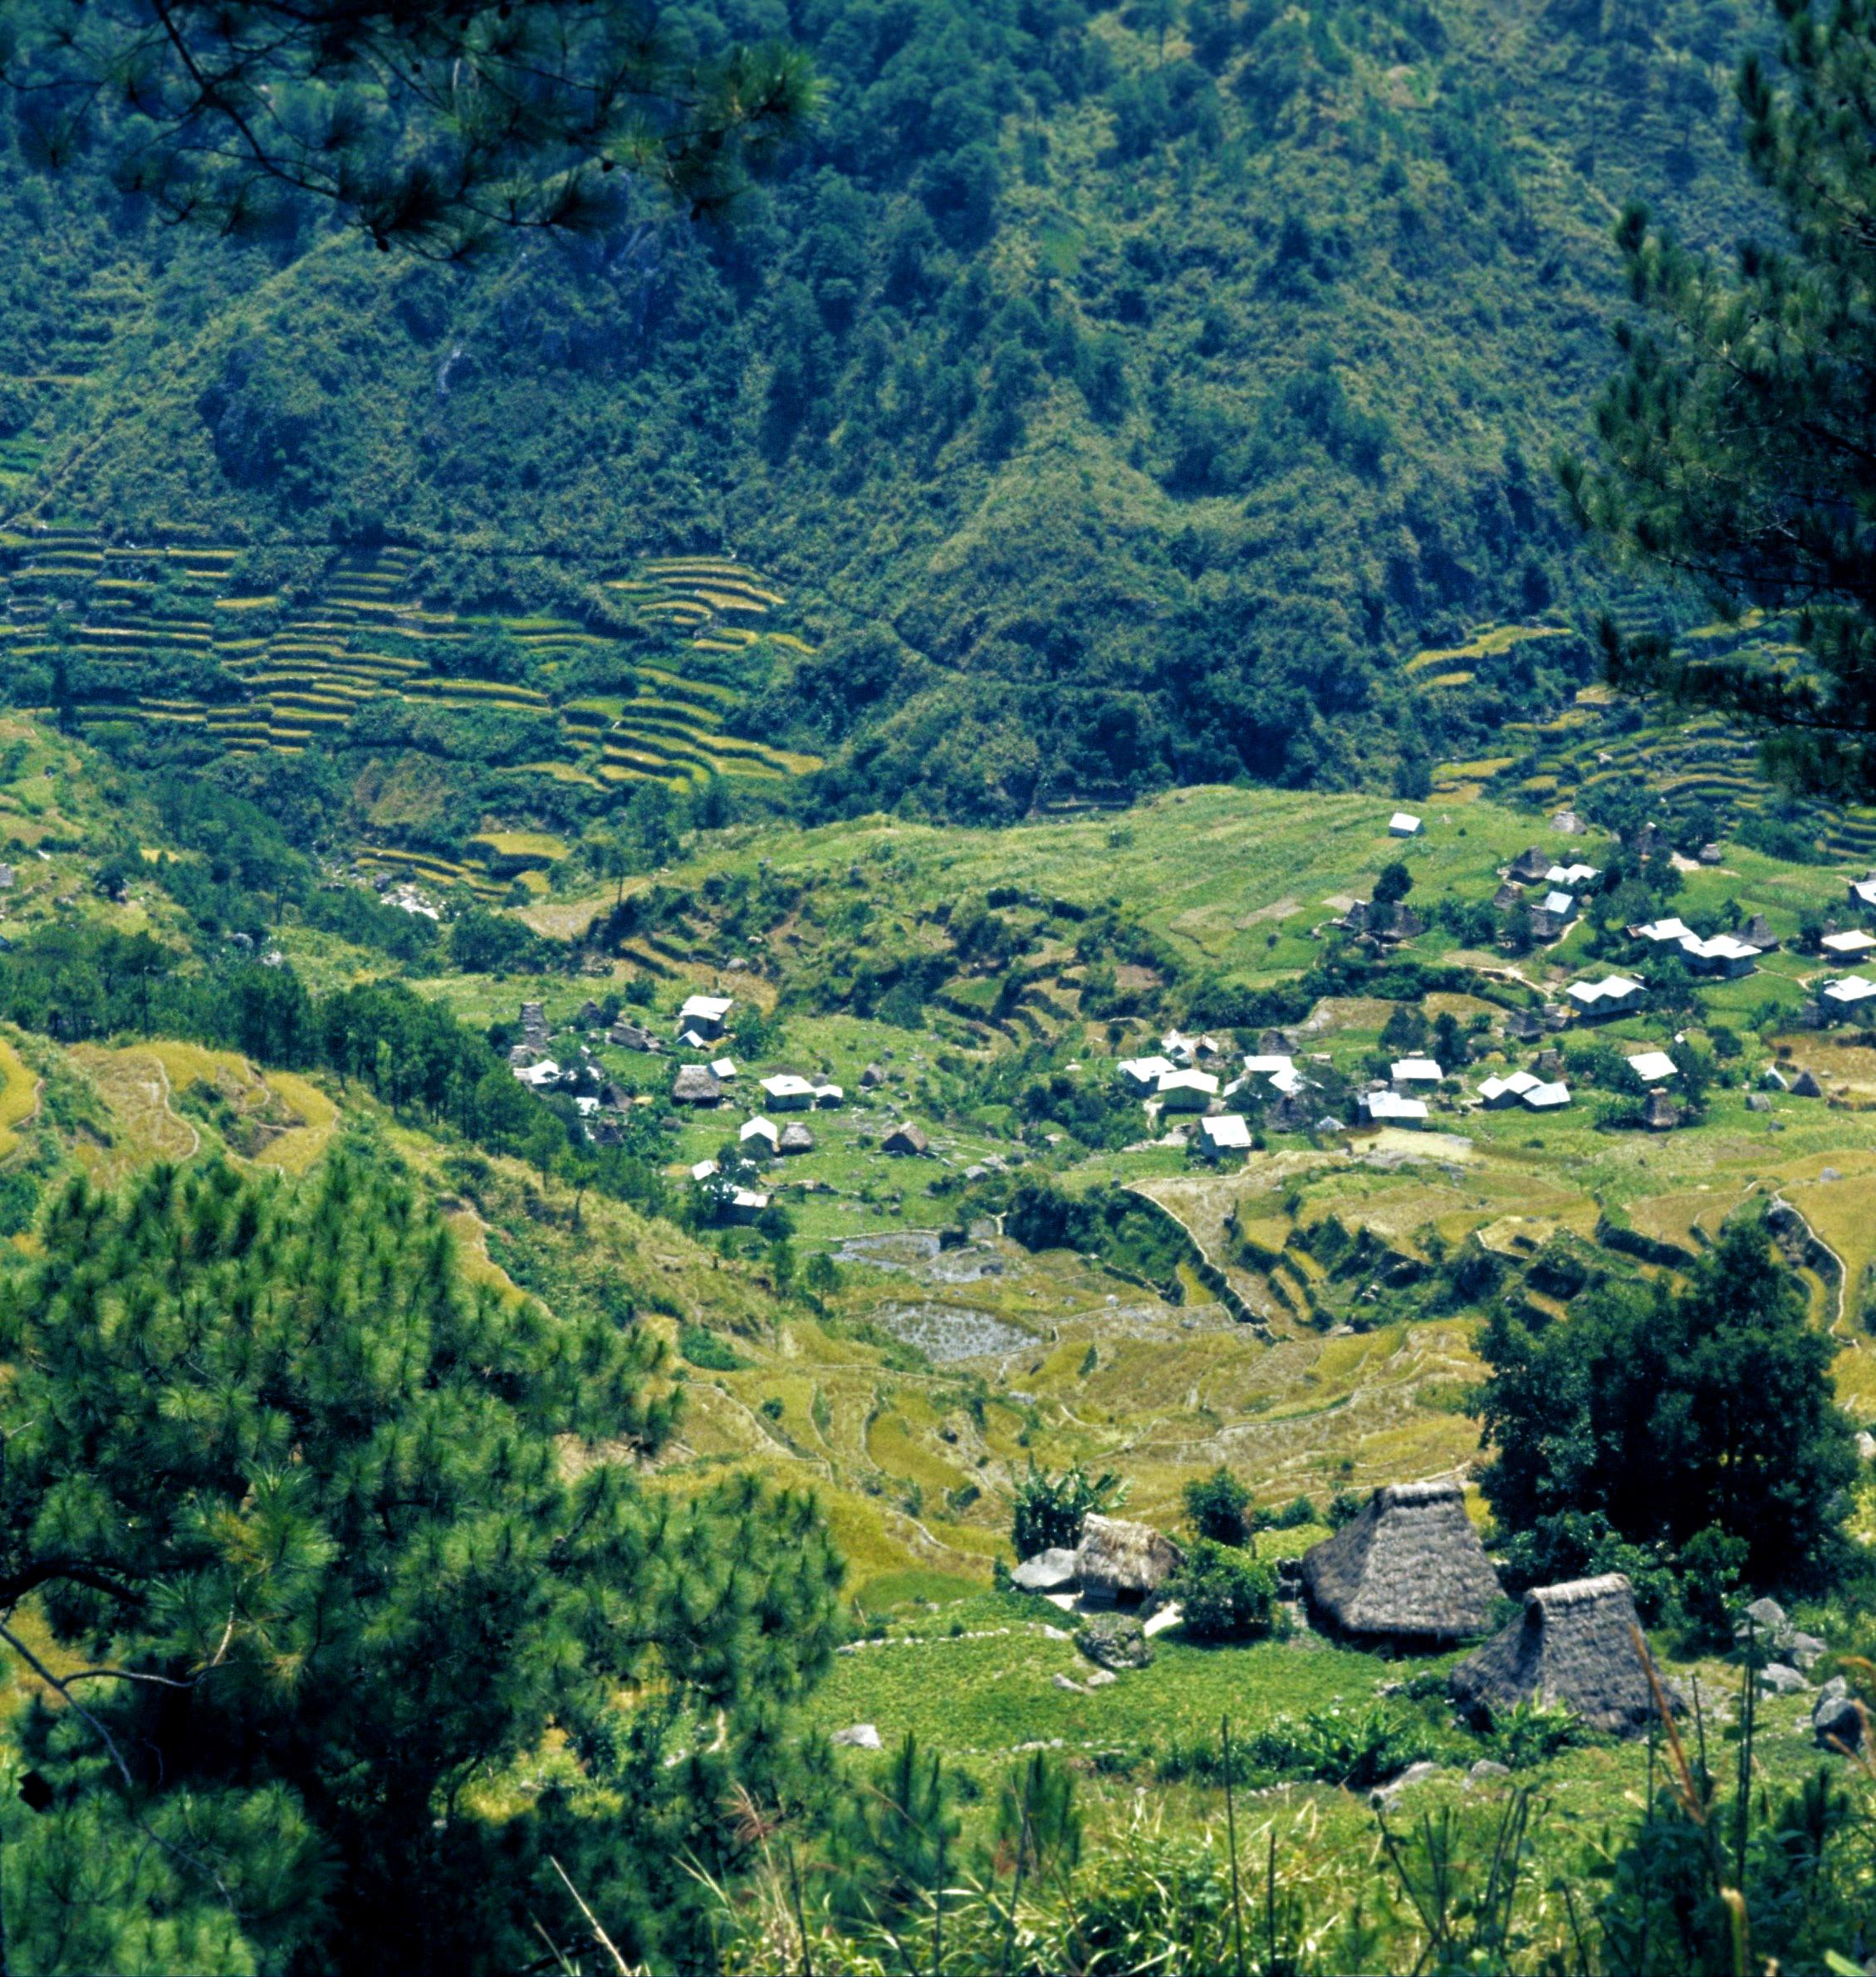 Tanulong village at south end of Fedilisan-Tanulong valley. 1974